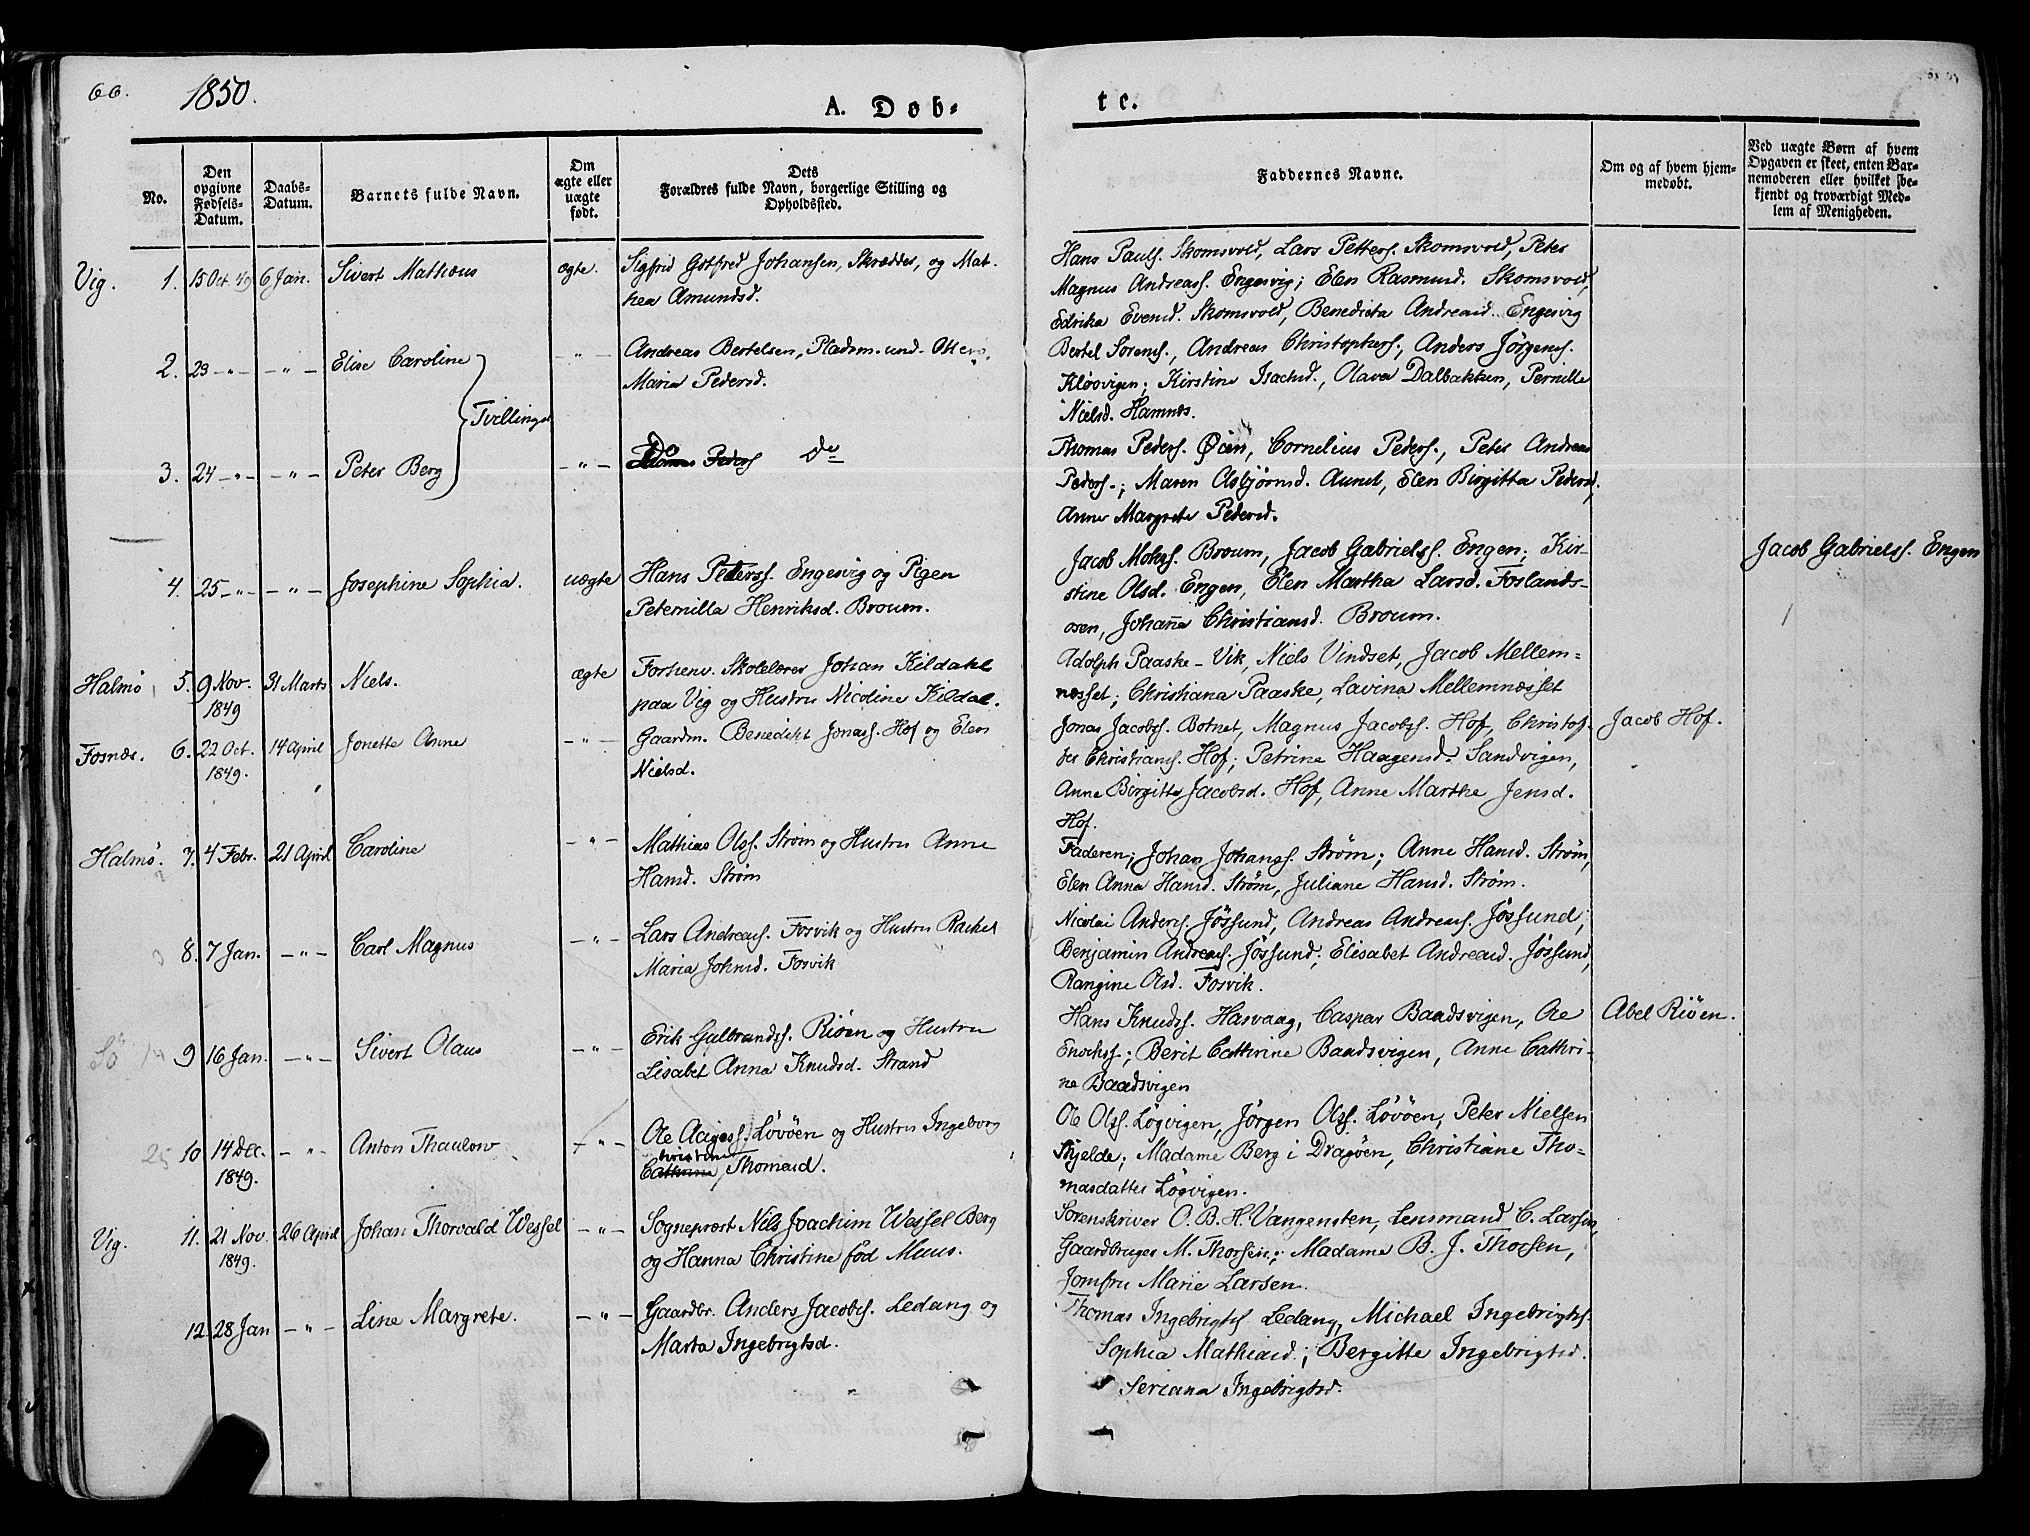 SAT, Ministerialprotokoller, klokkerbøker og fødselsregistre - Nord-Trøndelag, 773/L0614: Ministerialbok nr. 773A05, 1831-1856, s. 66